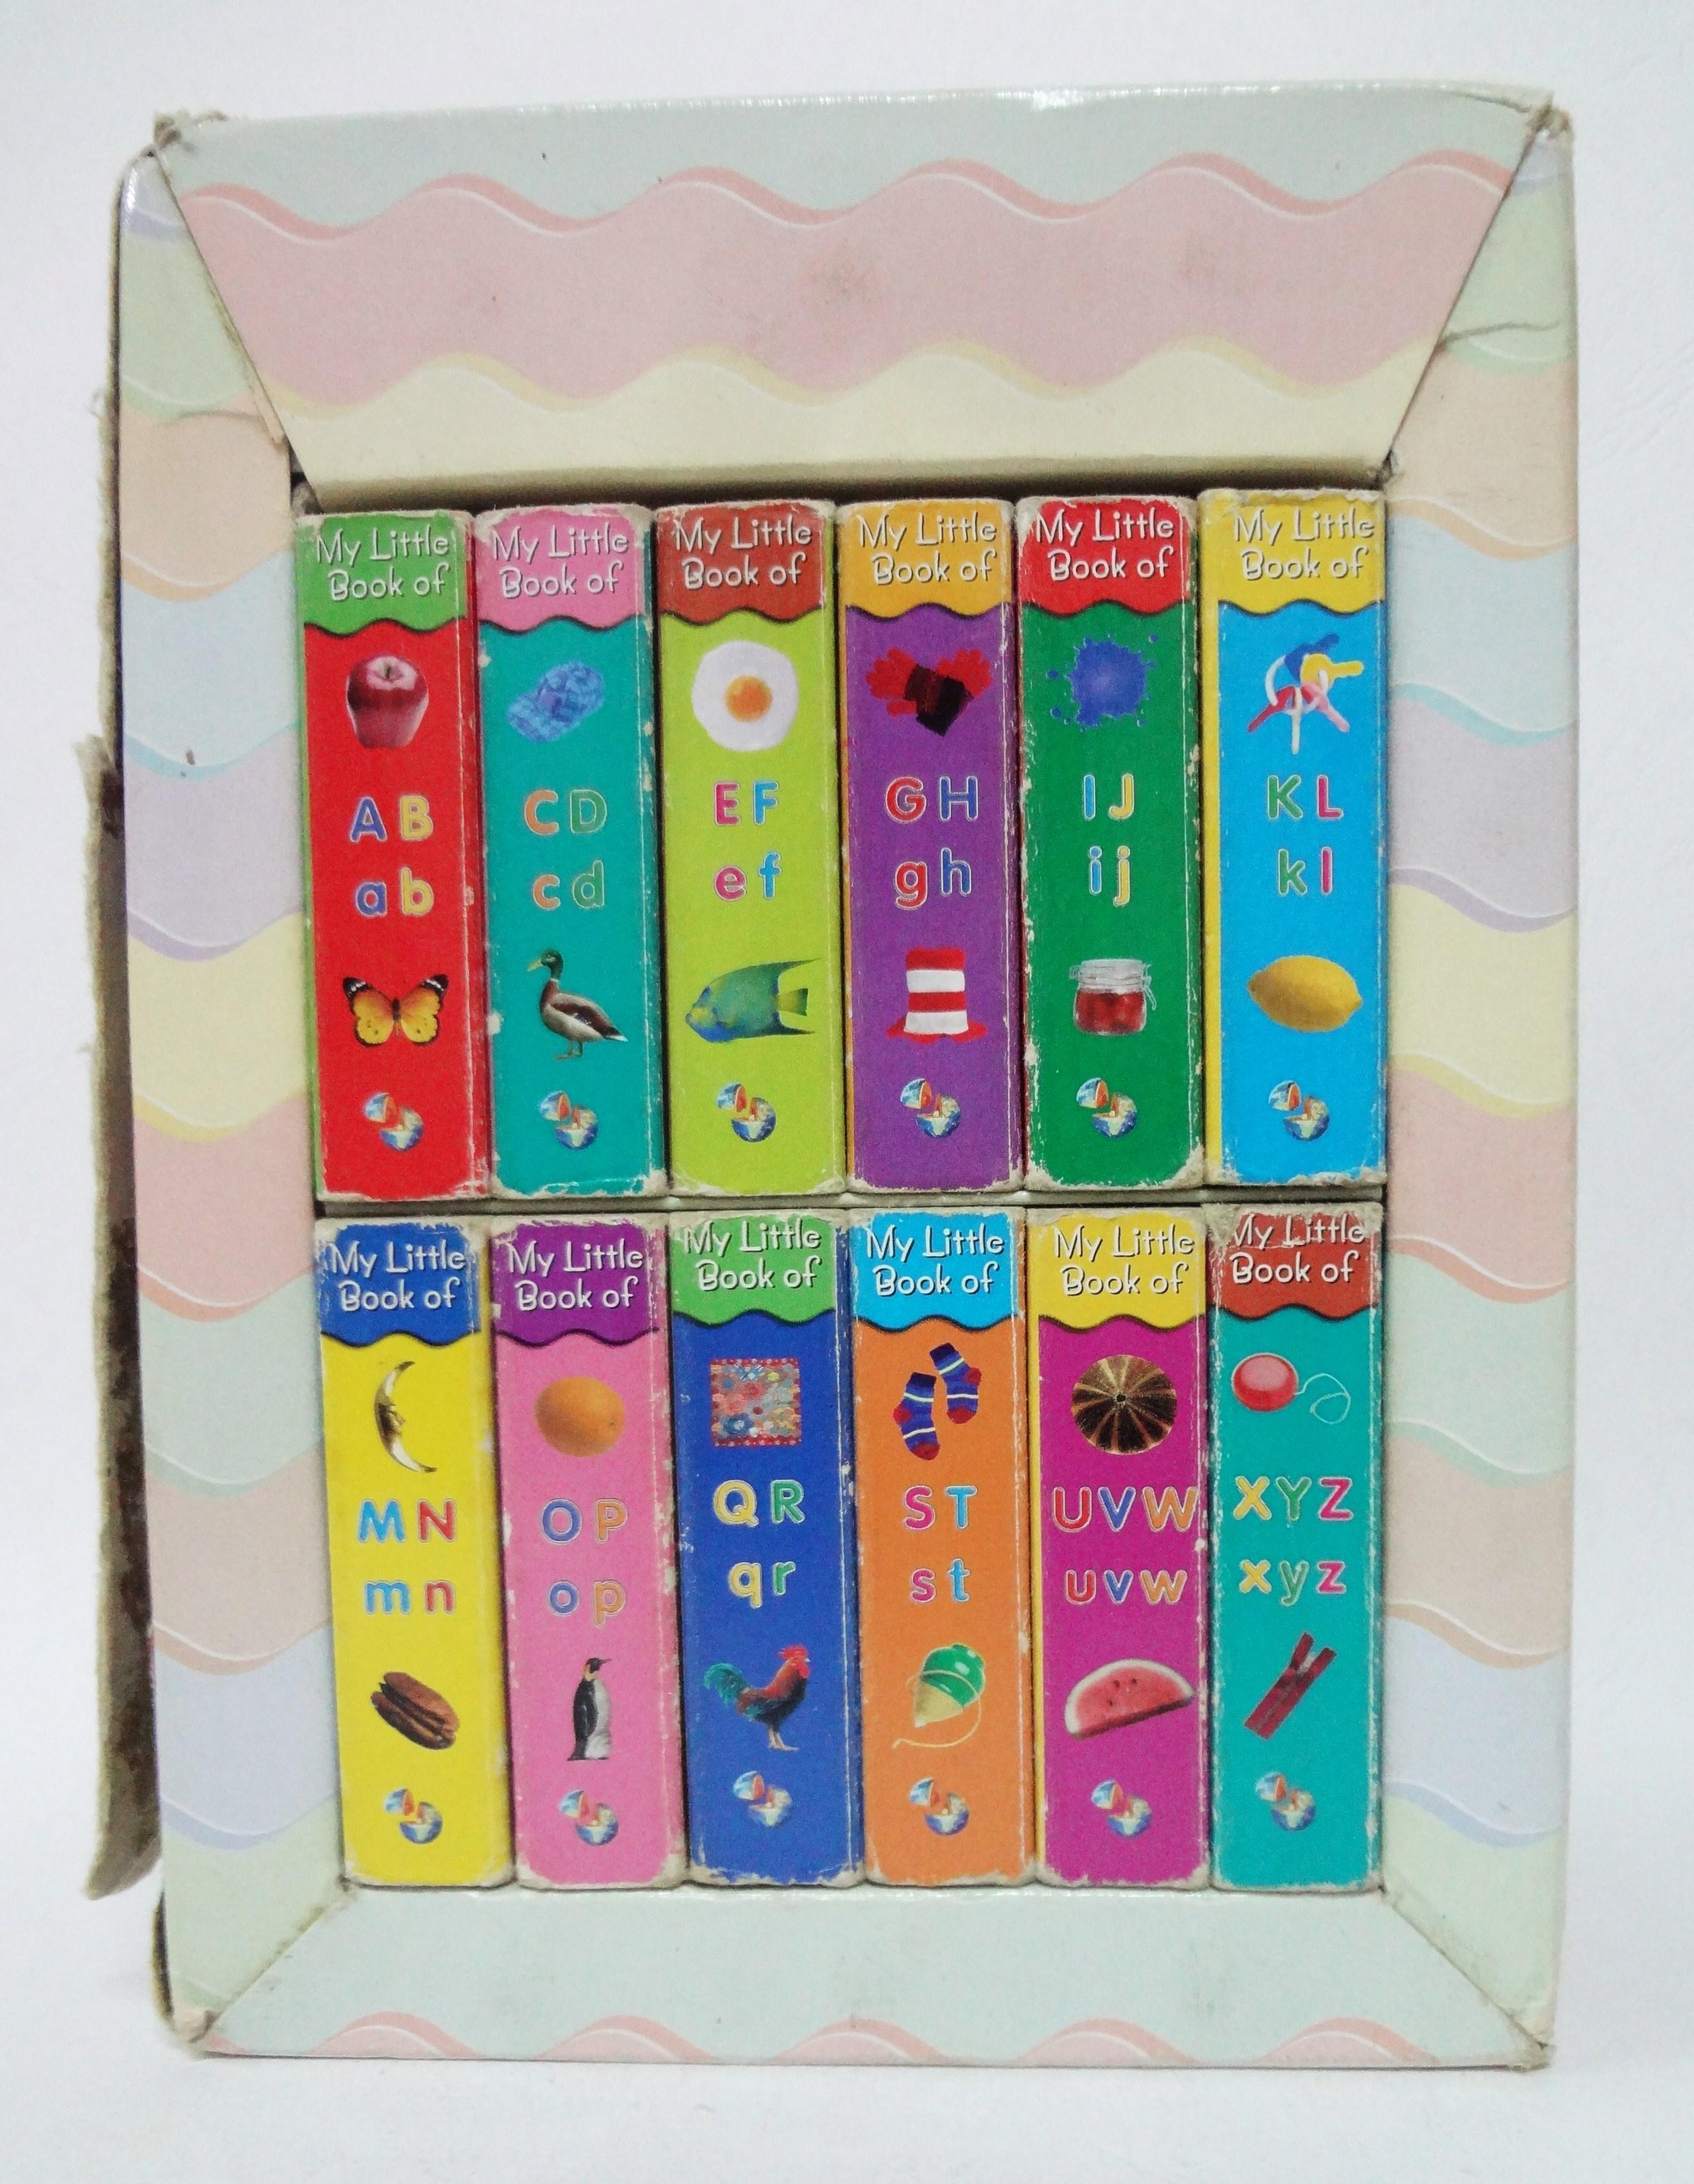 ชุดหนังสือ My little library of ABCs